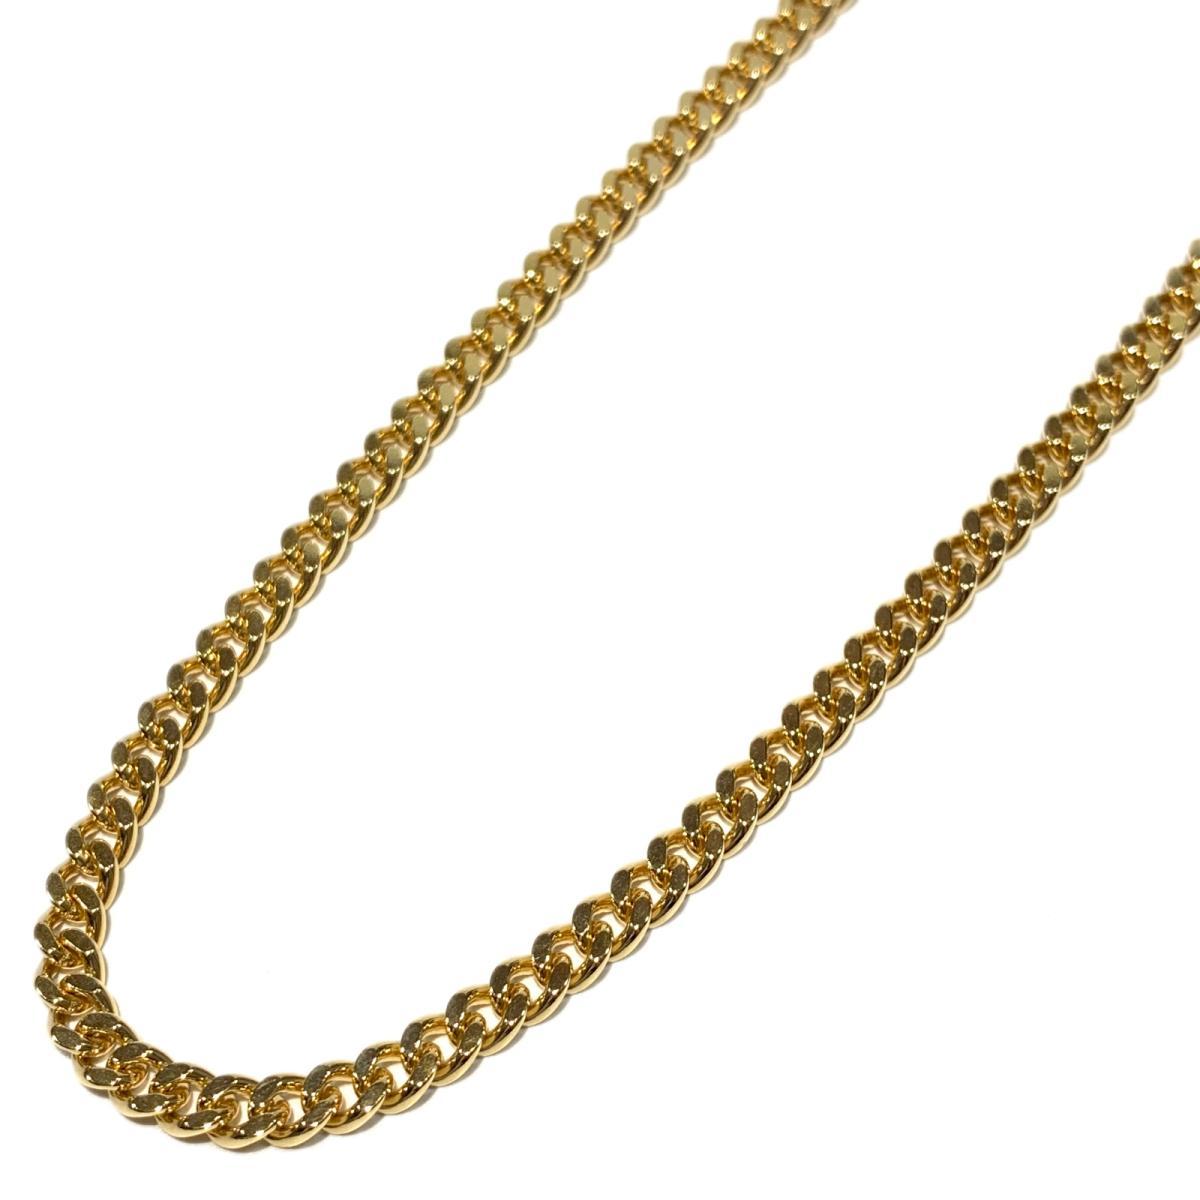 ジュエリー 6メンWキヘイ ネックレス メンズ レディース K18YG (750) イエローゴールド ゴールド | JEWELRY BRANDOFF ブランドオフ アクセサリー ペンダント